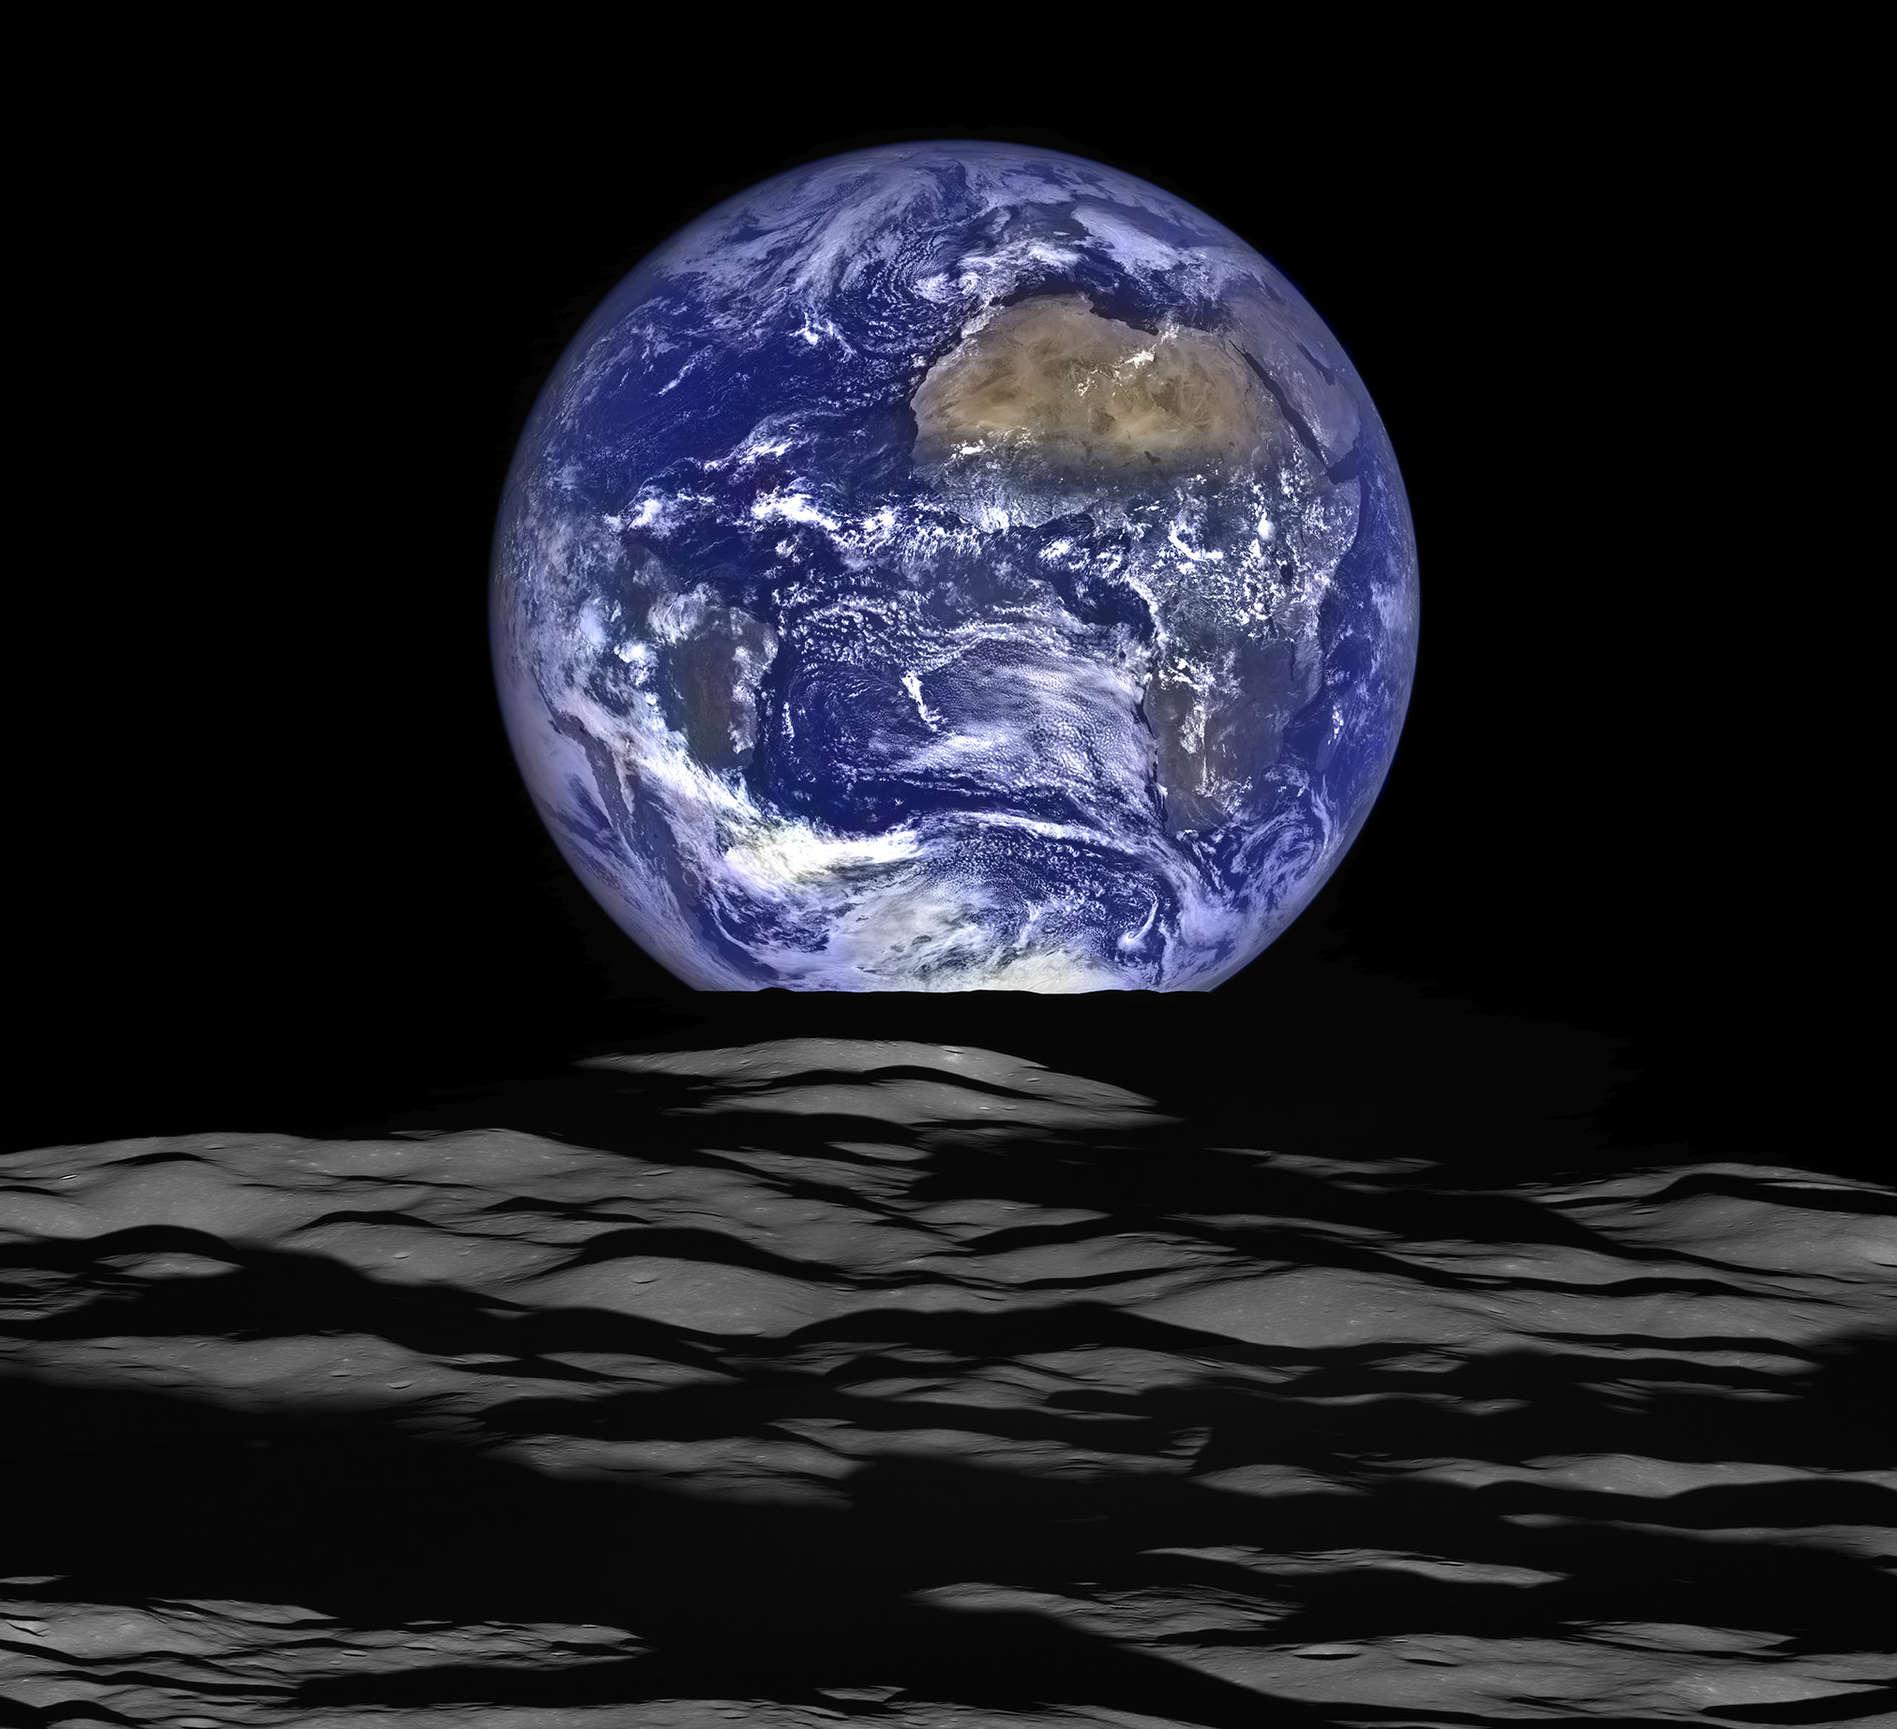 Luna C2